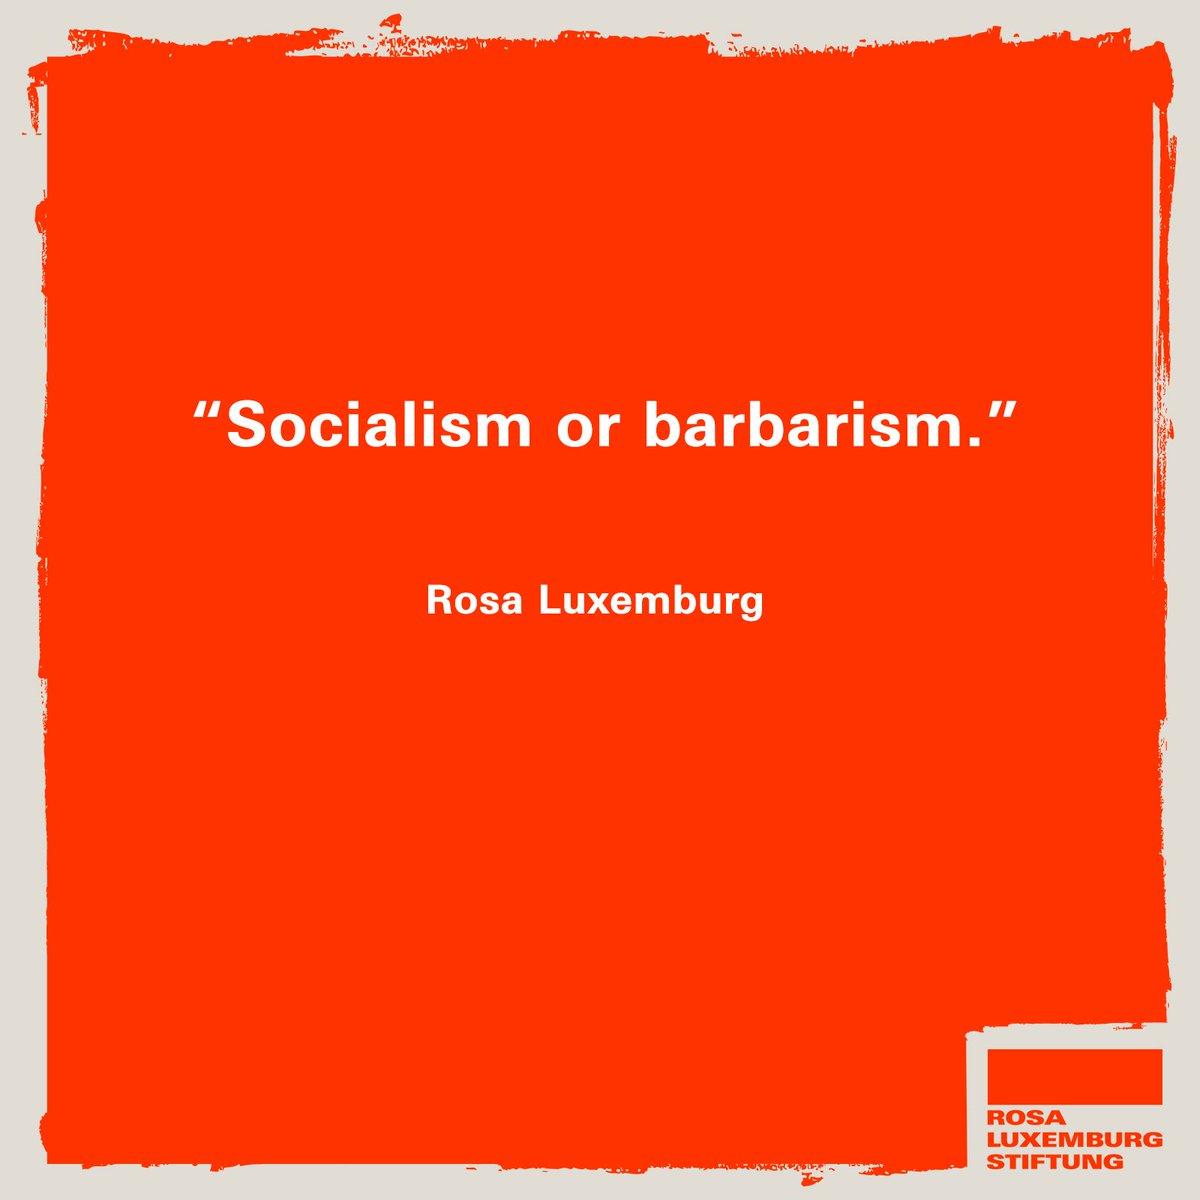 #QuoteOfTheDay #SocialismInOurTime #RosaLuxemburg #Inspiration https://t.co/TgruURIhNG